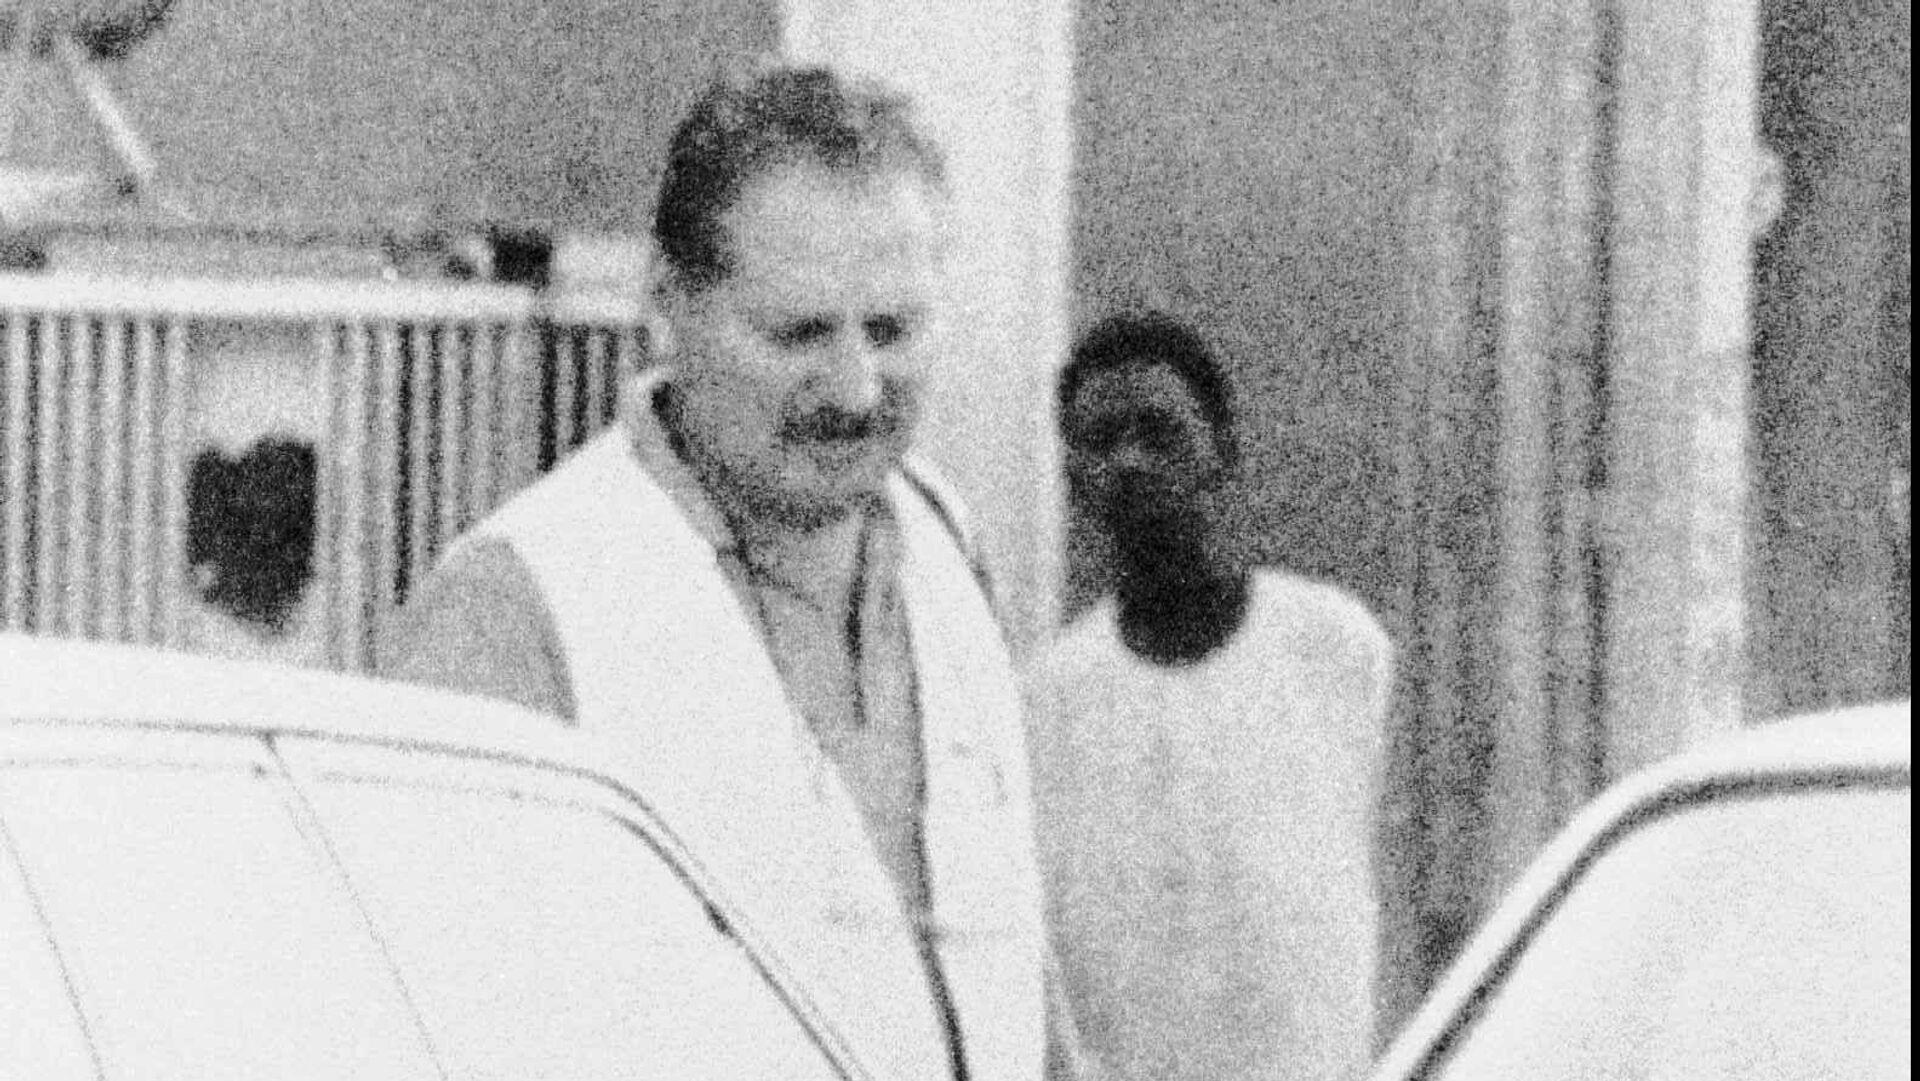 Ильич Рамирес Санчес на улице. Август 1994 года - РИА Новости, 1920, 21.12.2020